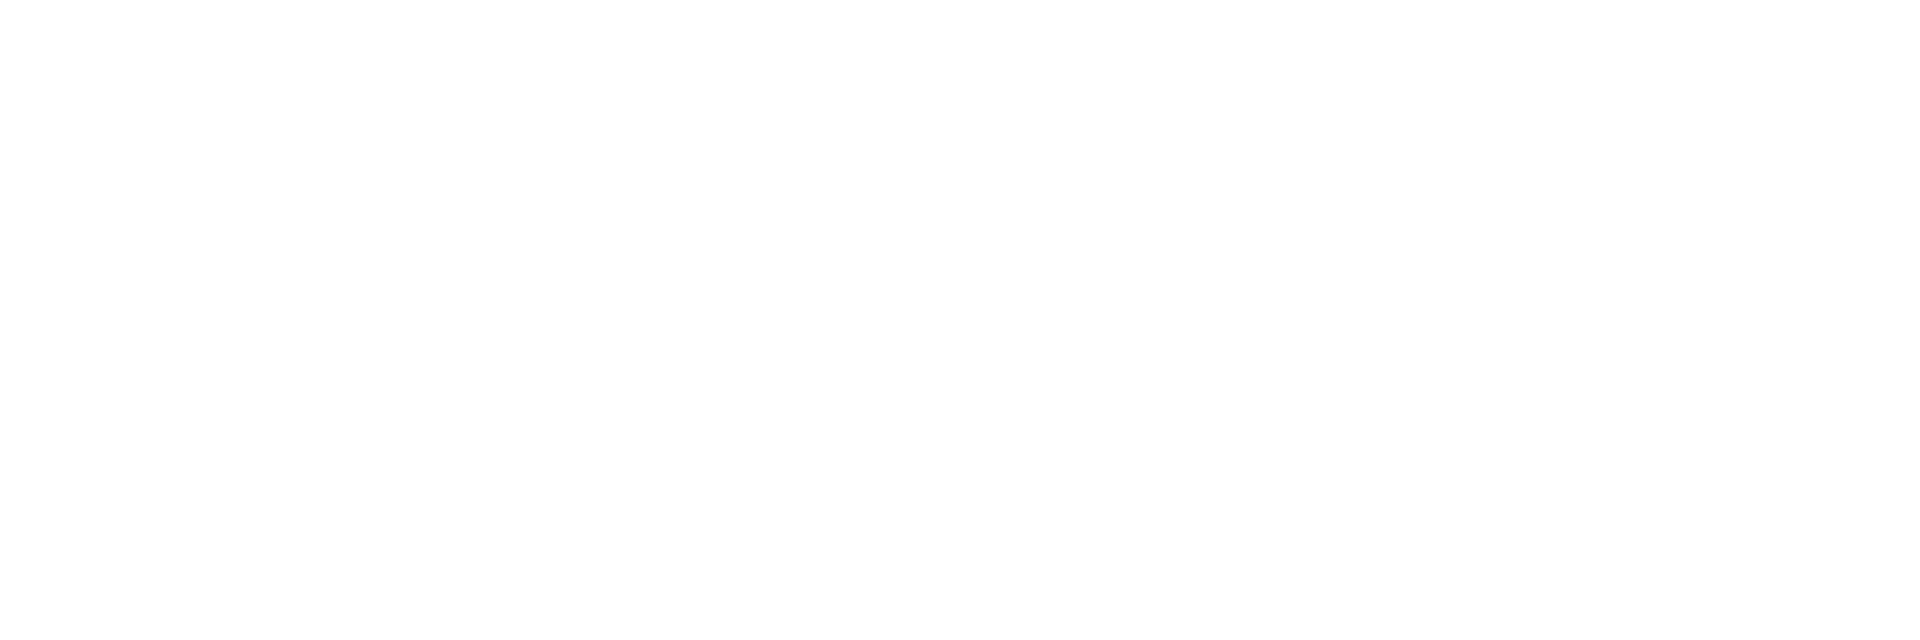 graphic-design-consultation-baltimore